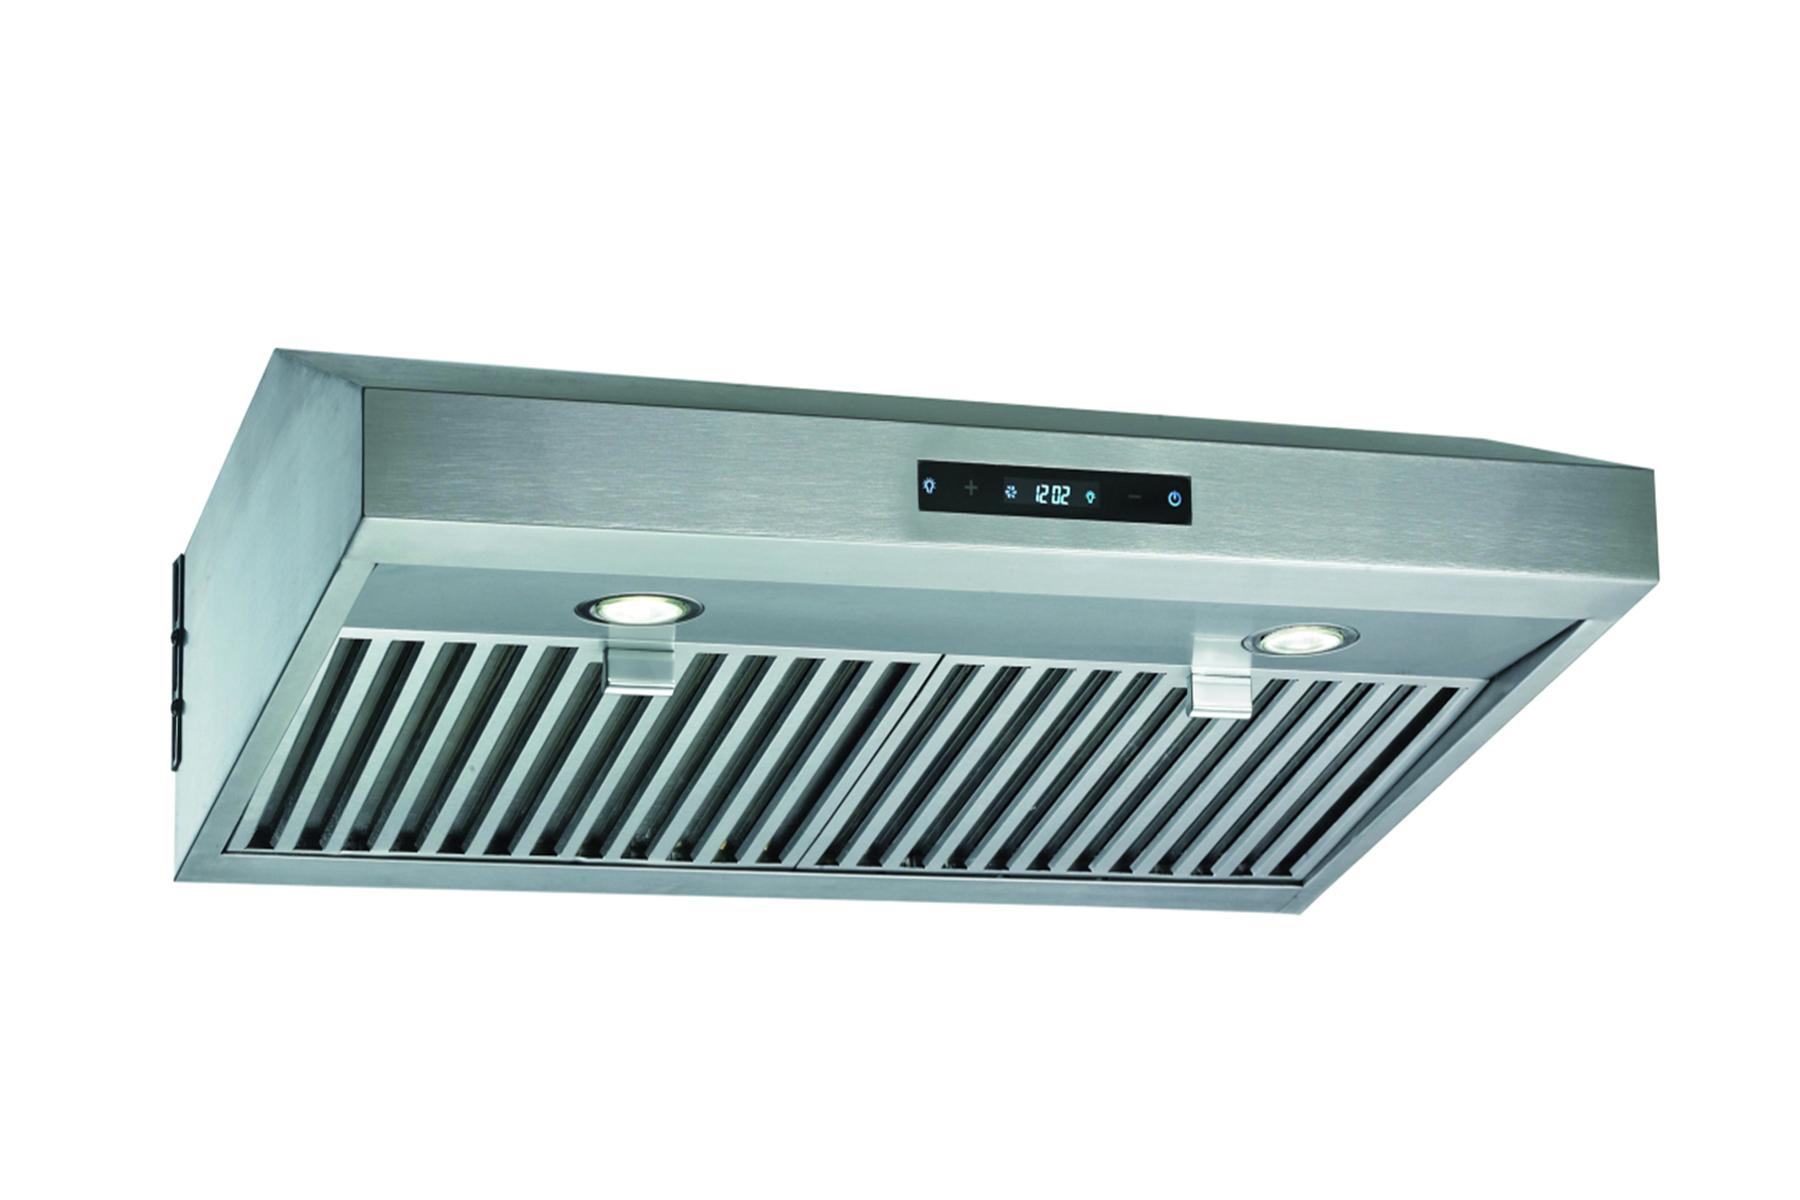 30 Stainless Steel Under Cabinet Range Hood Kitchen Fan 6